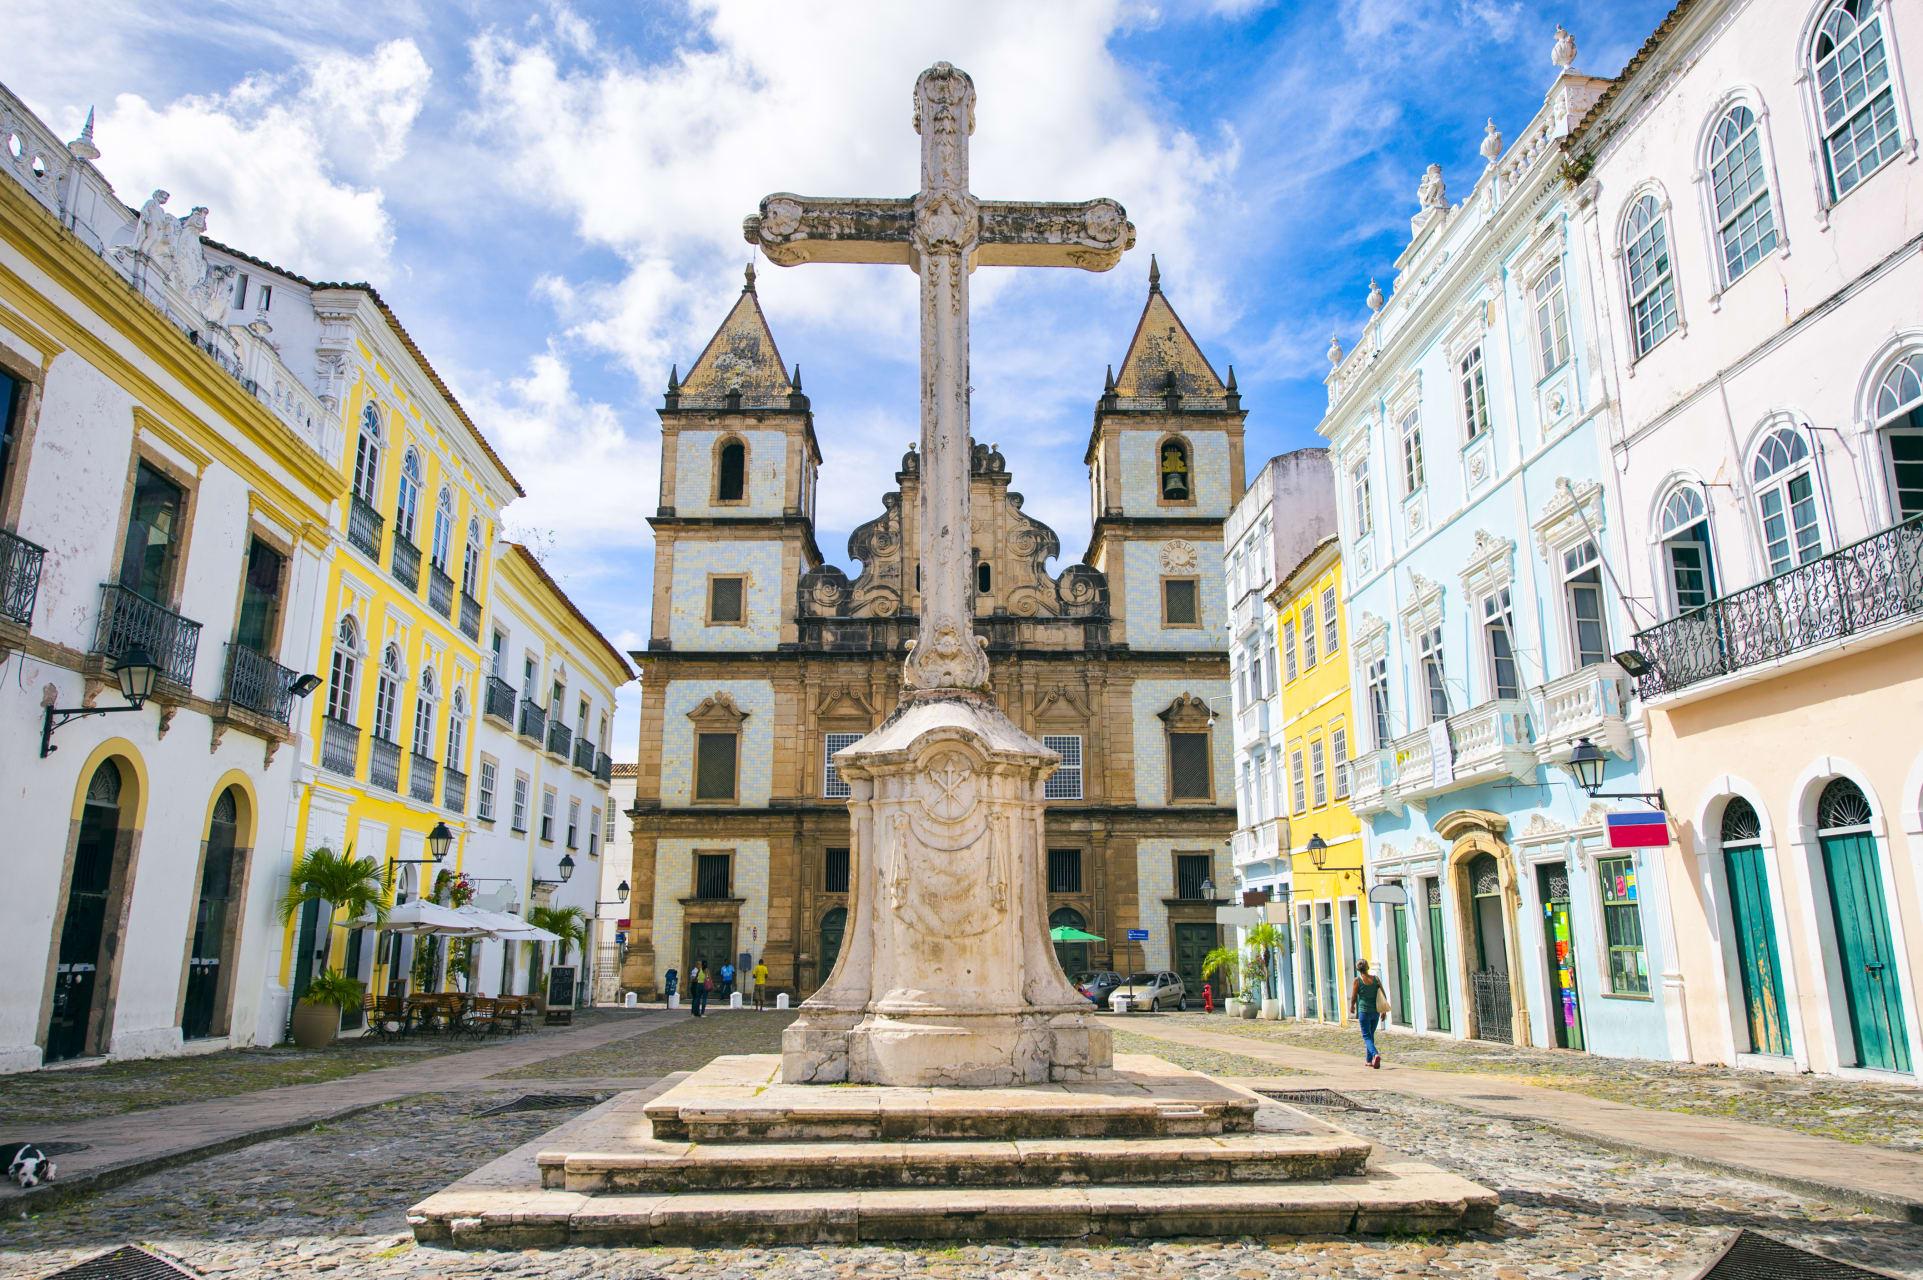 Salvador Bahia - Bahia, Terra da Felicidade - Roteiro 1 (TOUR IN PORTUGUESE)